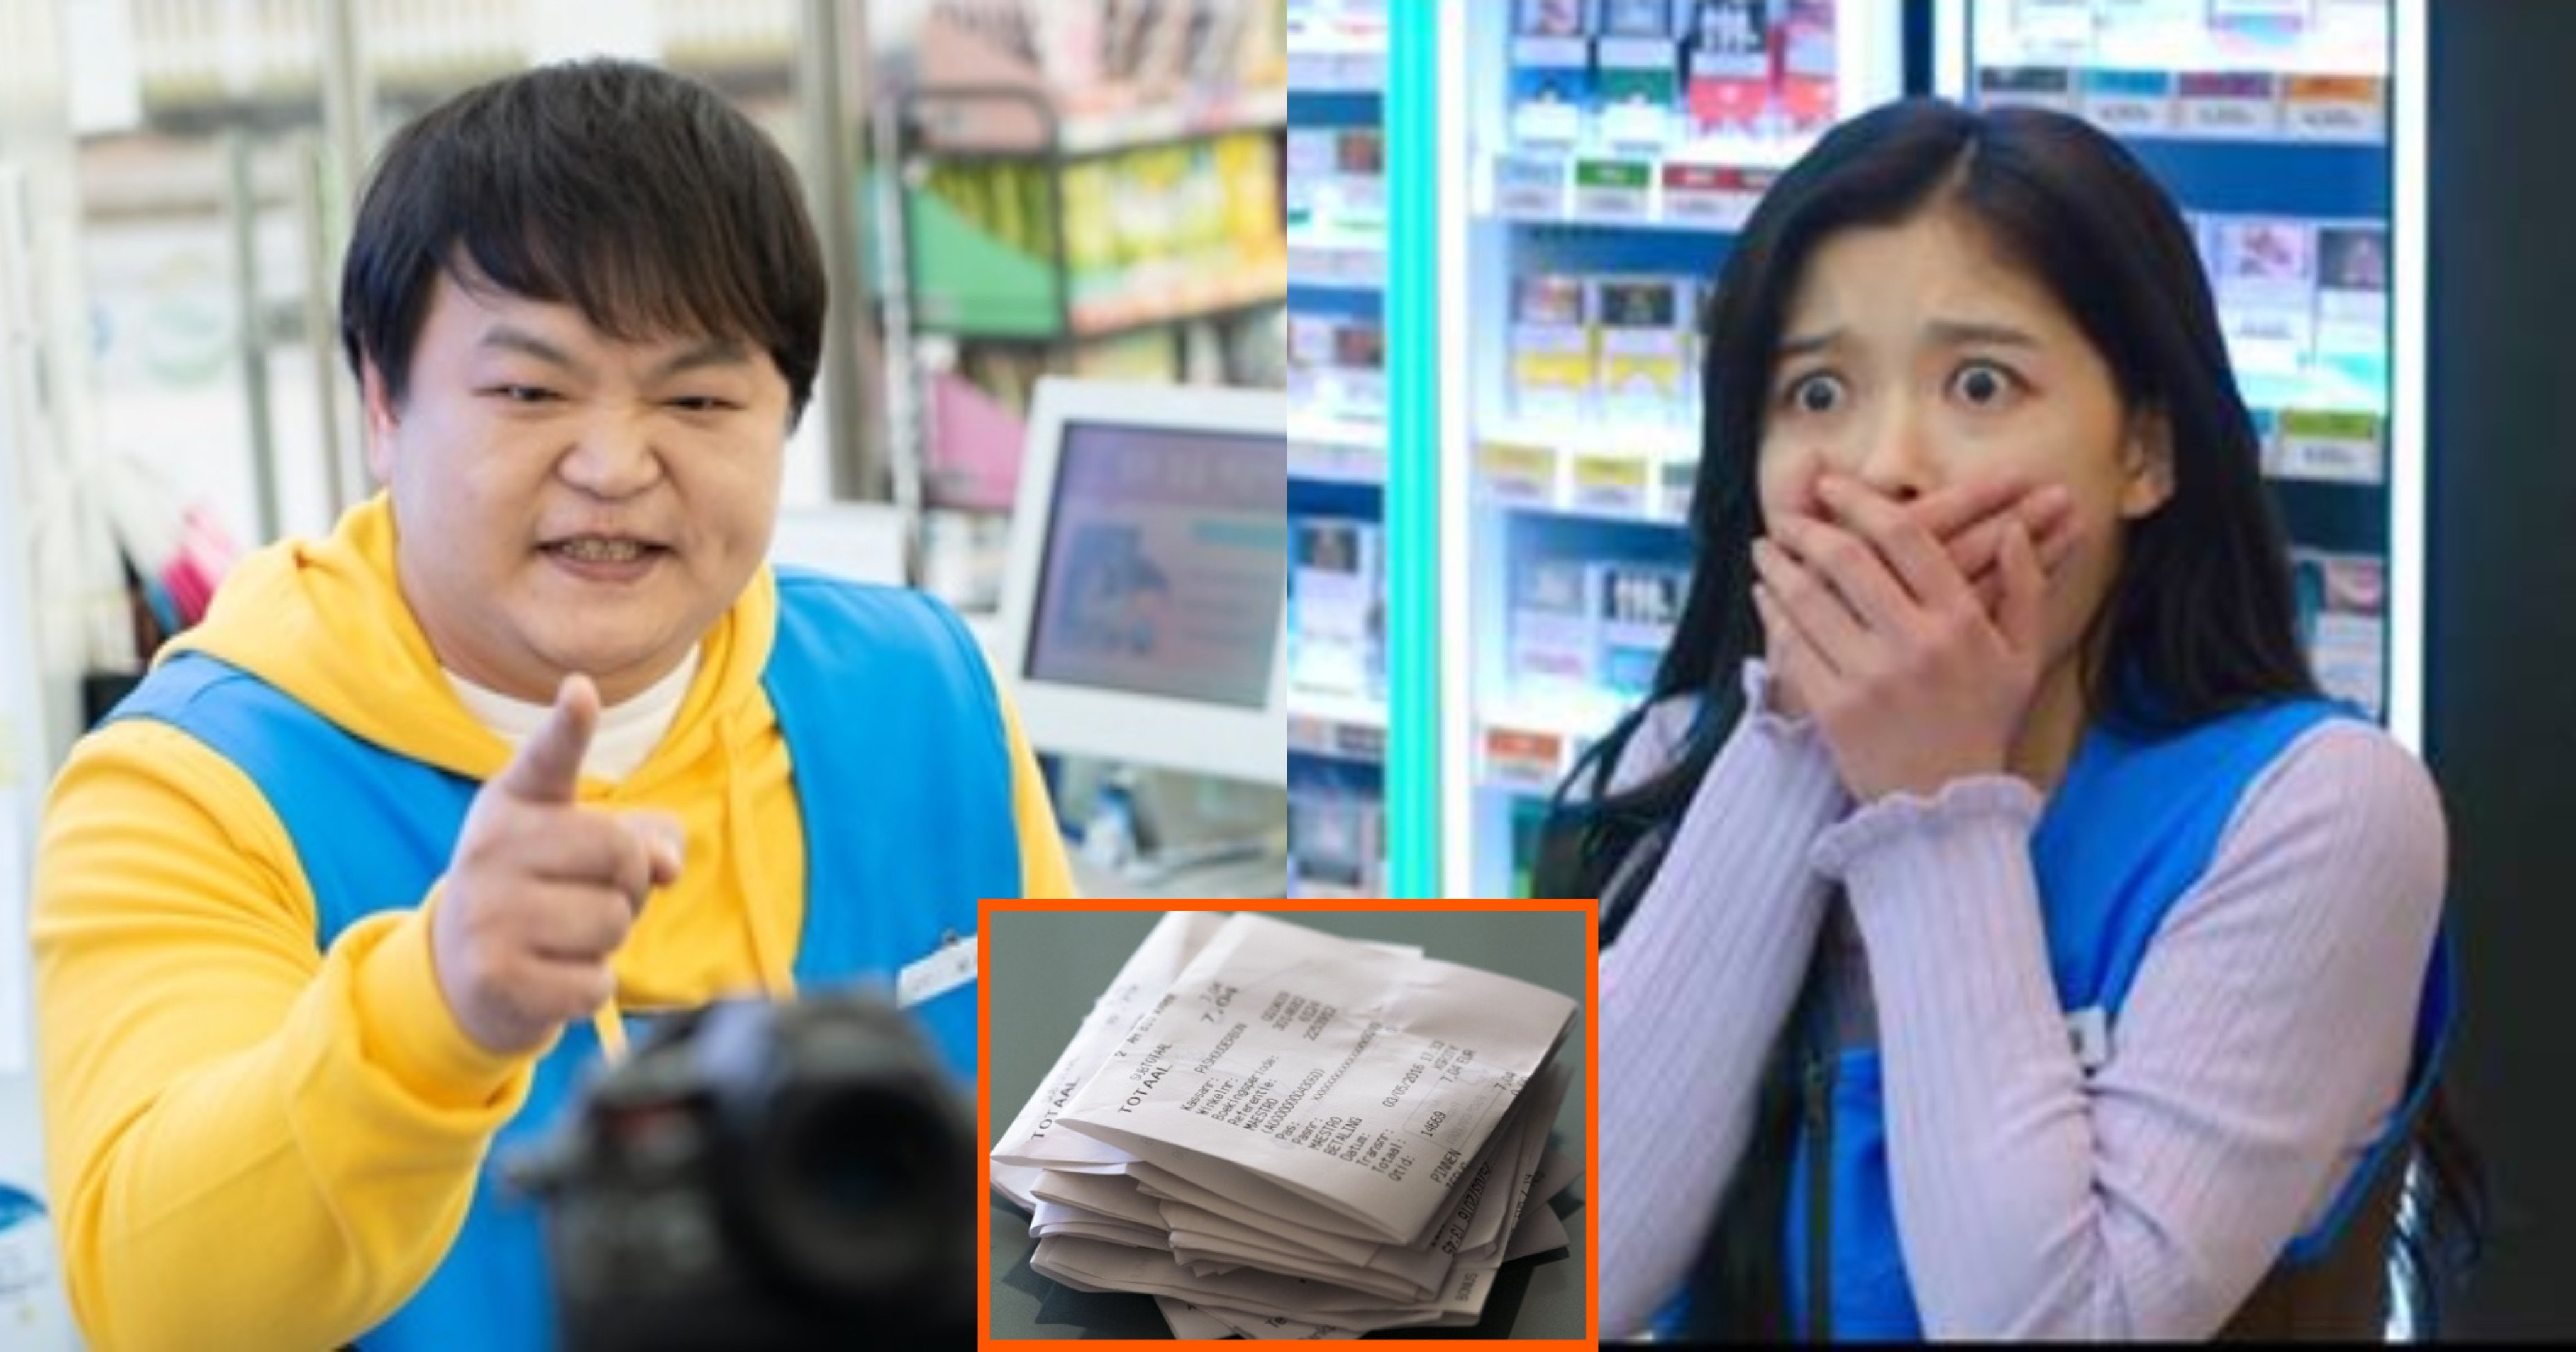 """kakaotalk 20210119 231225654 02.jpg?resize=412,232 - """"영수증 버려달라고 하지마 예의없는 젊은 것들아""""라며 네티즌들 사이에서 '엄청난 논란'이 된 글"""